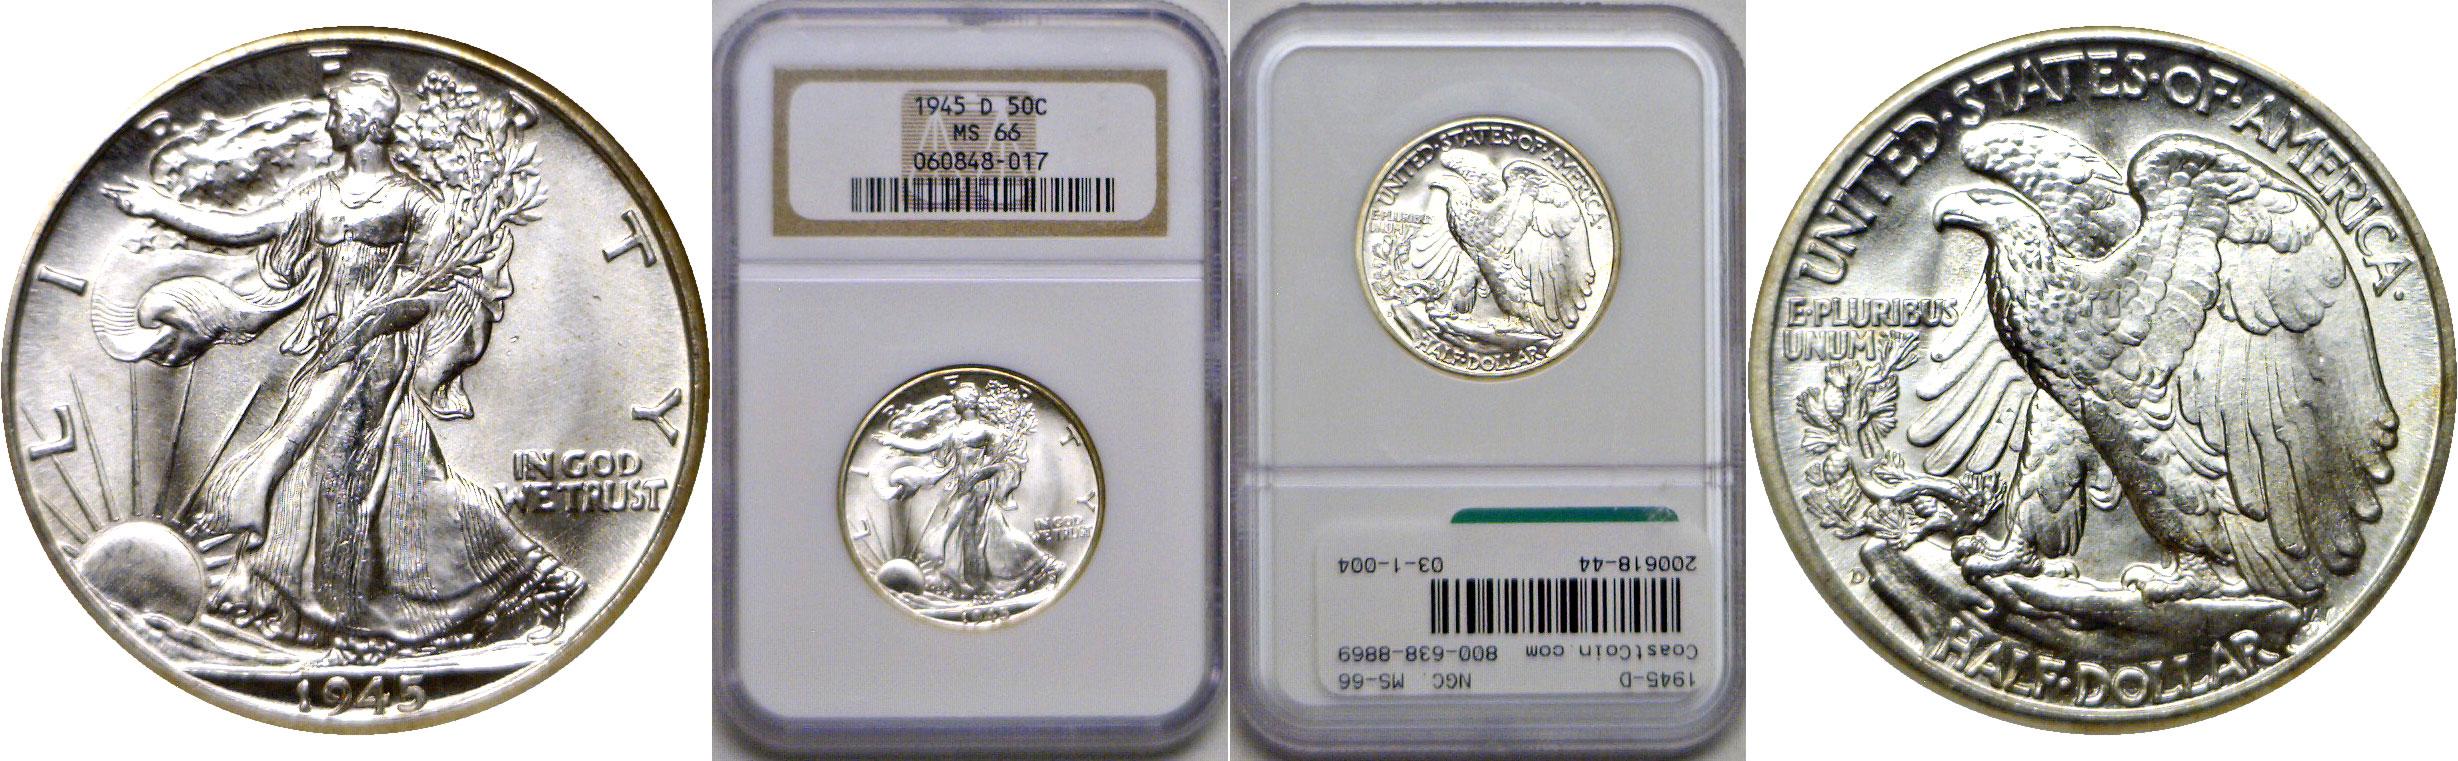 Item 200618-44